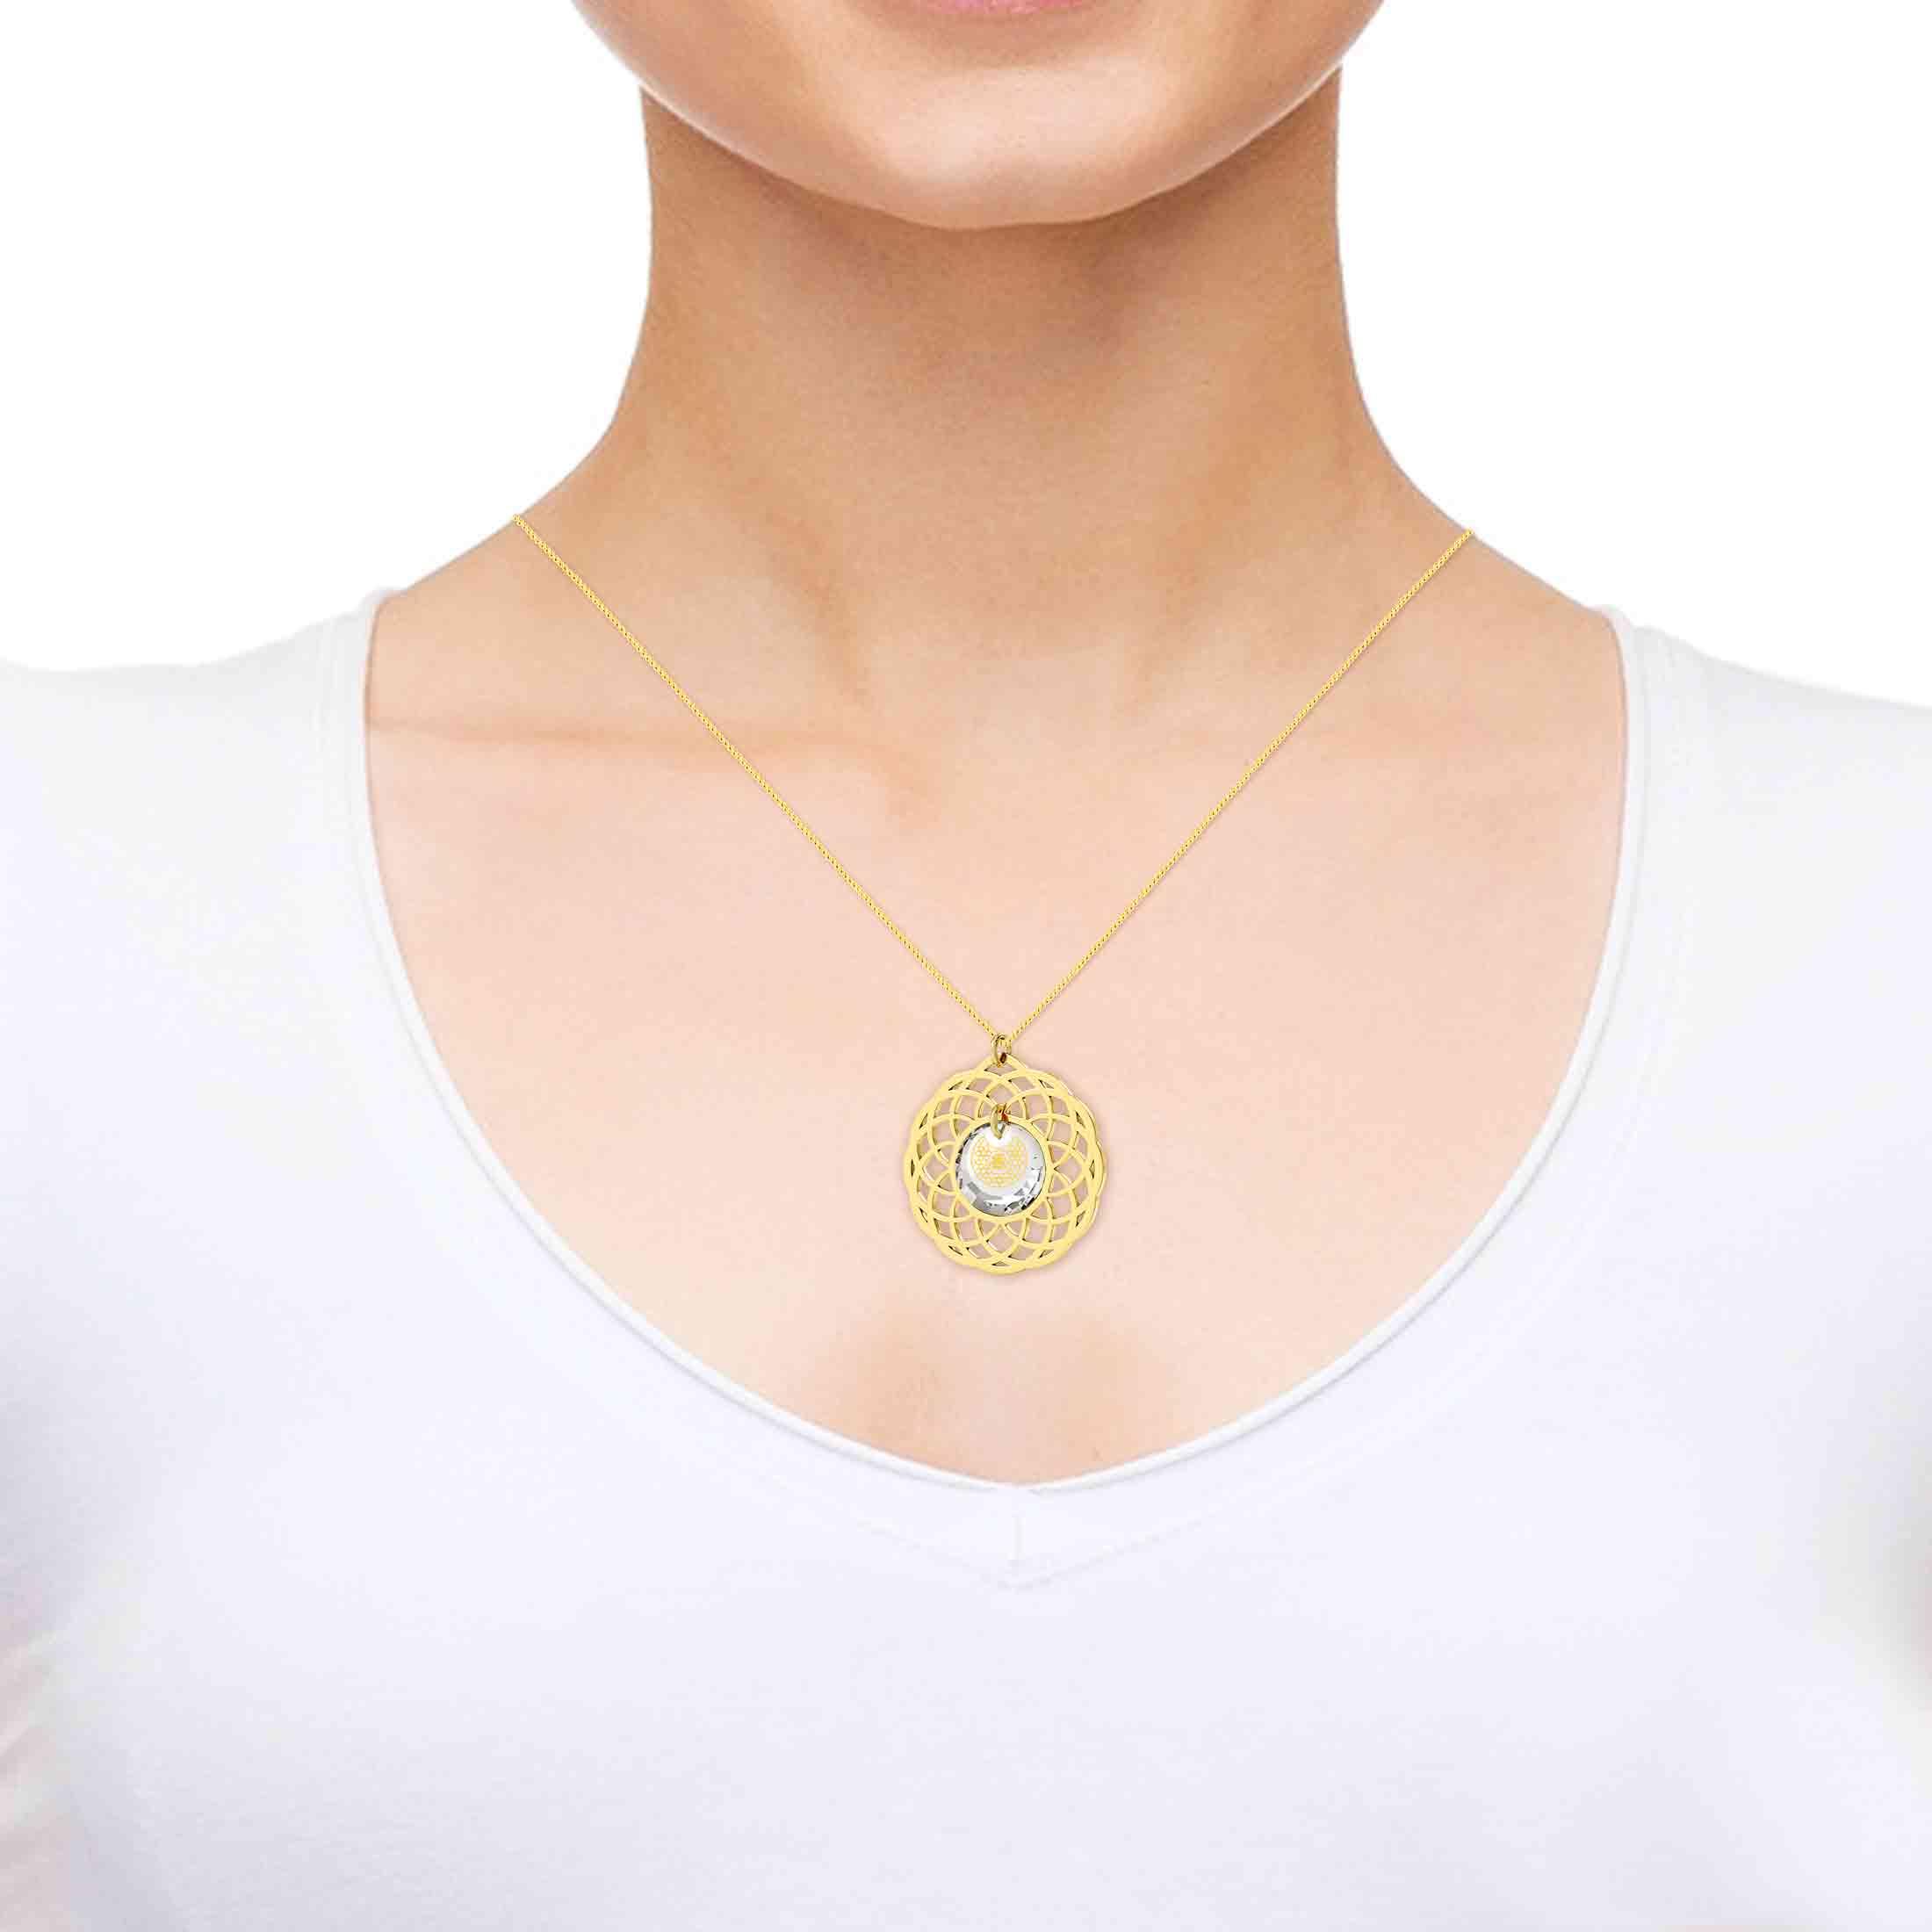 שרשרת שמע ישראל – תליון מיוחד לאישה - תכשיטים עם משמעות – תכשיטי ננו